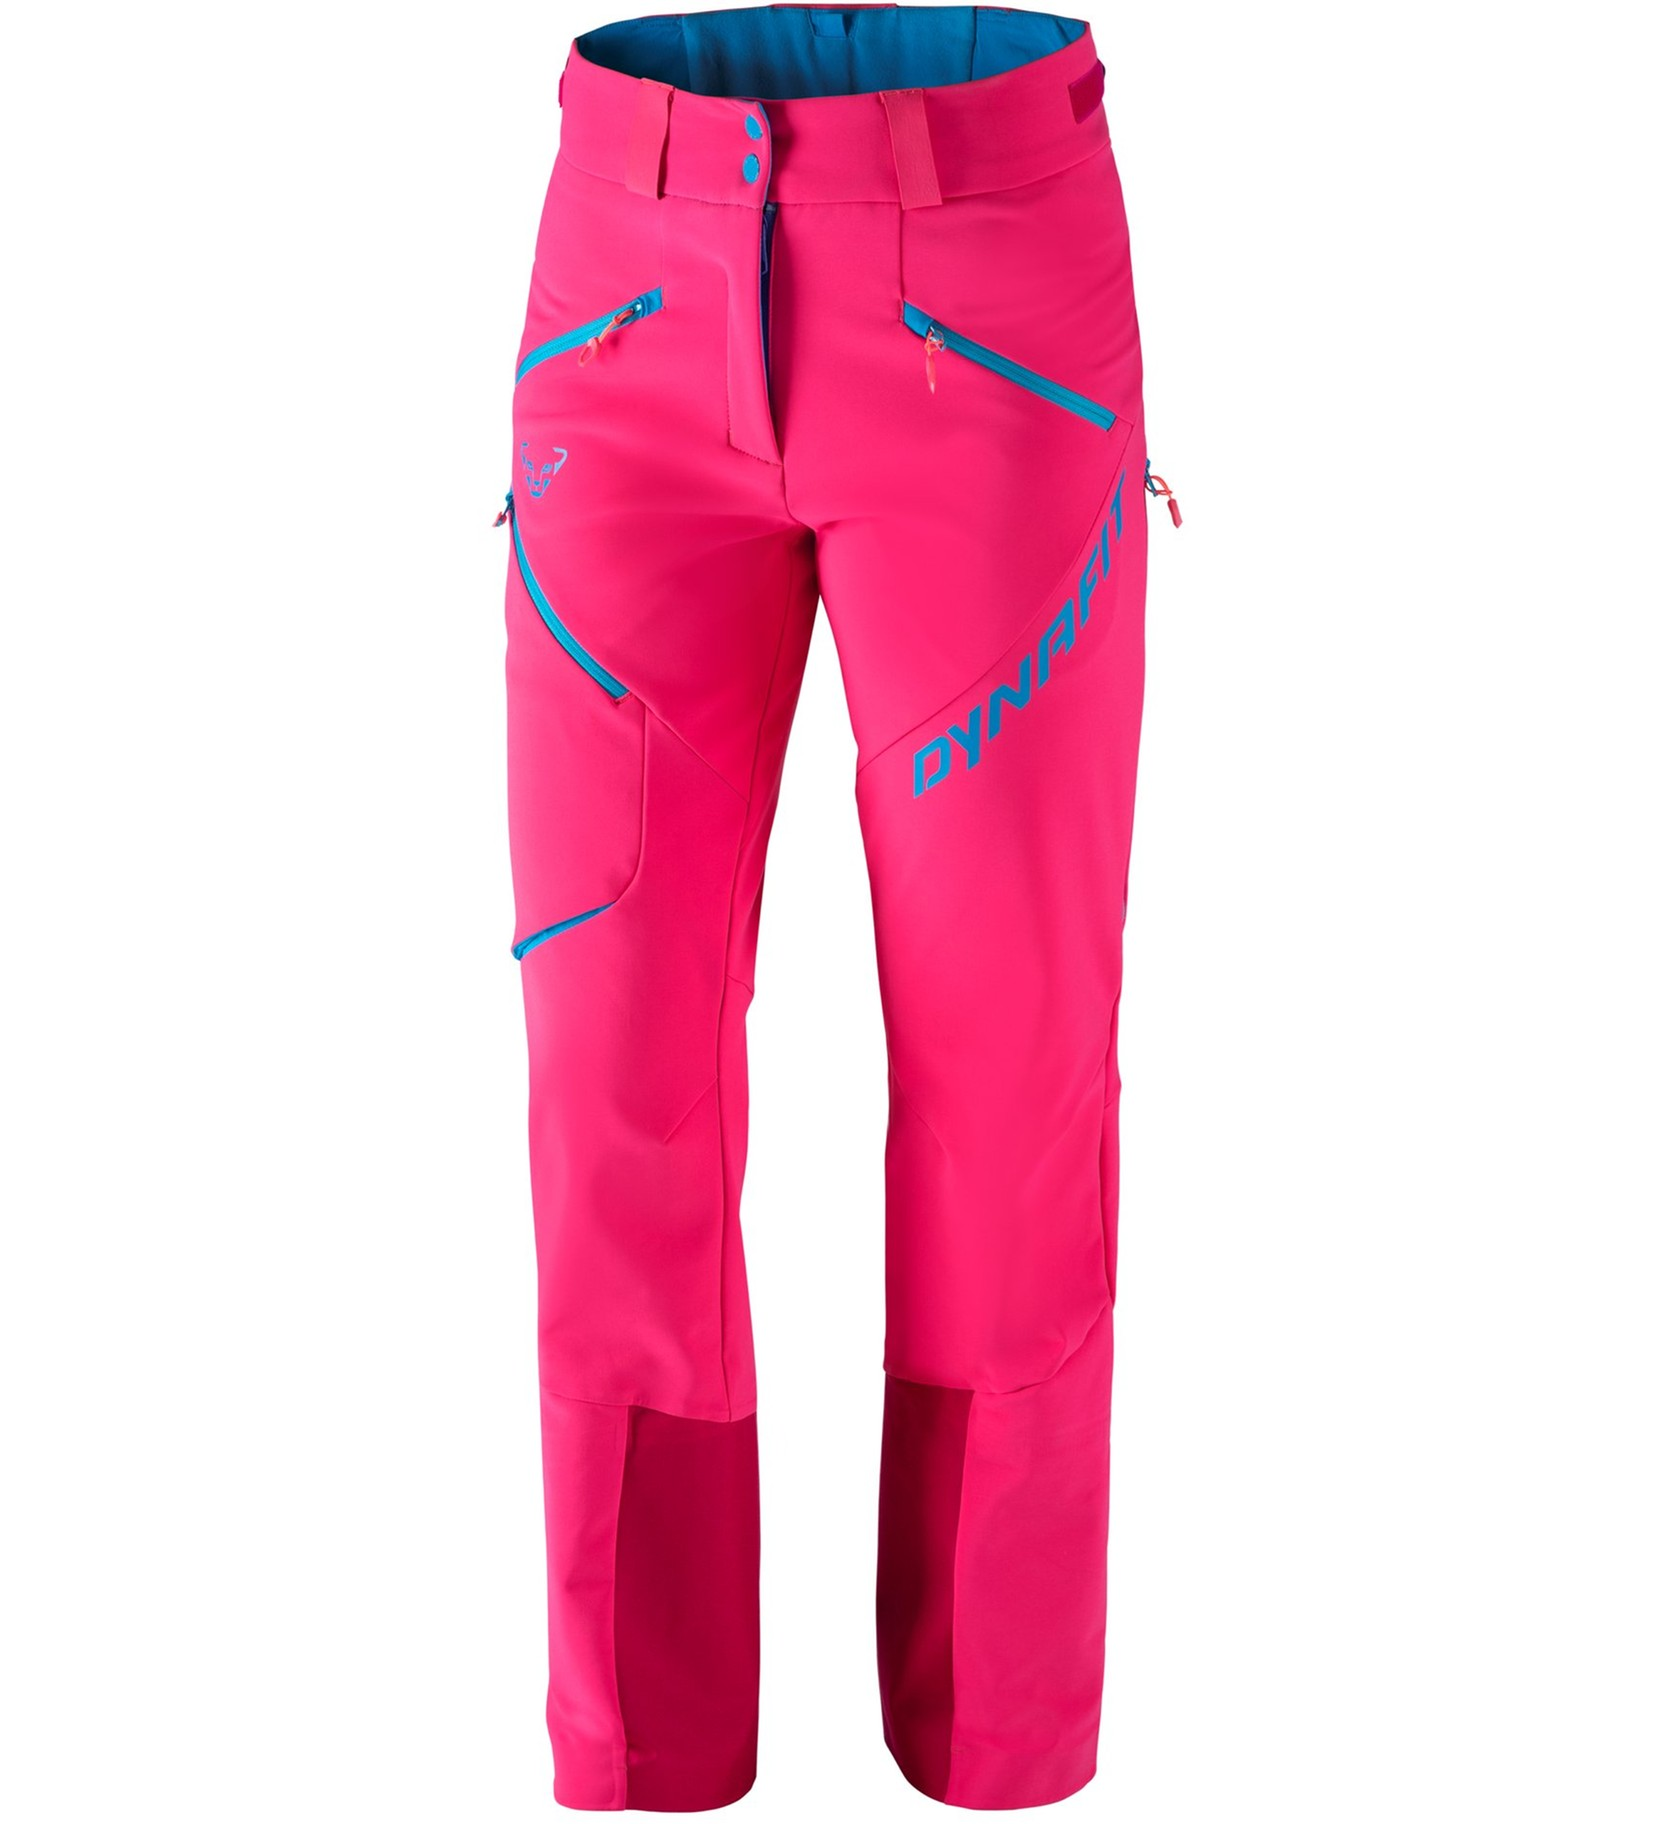 Dynafit Mercury Pro 2 - Skitourenhose - Damen